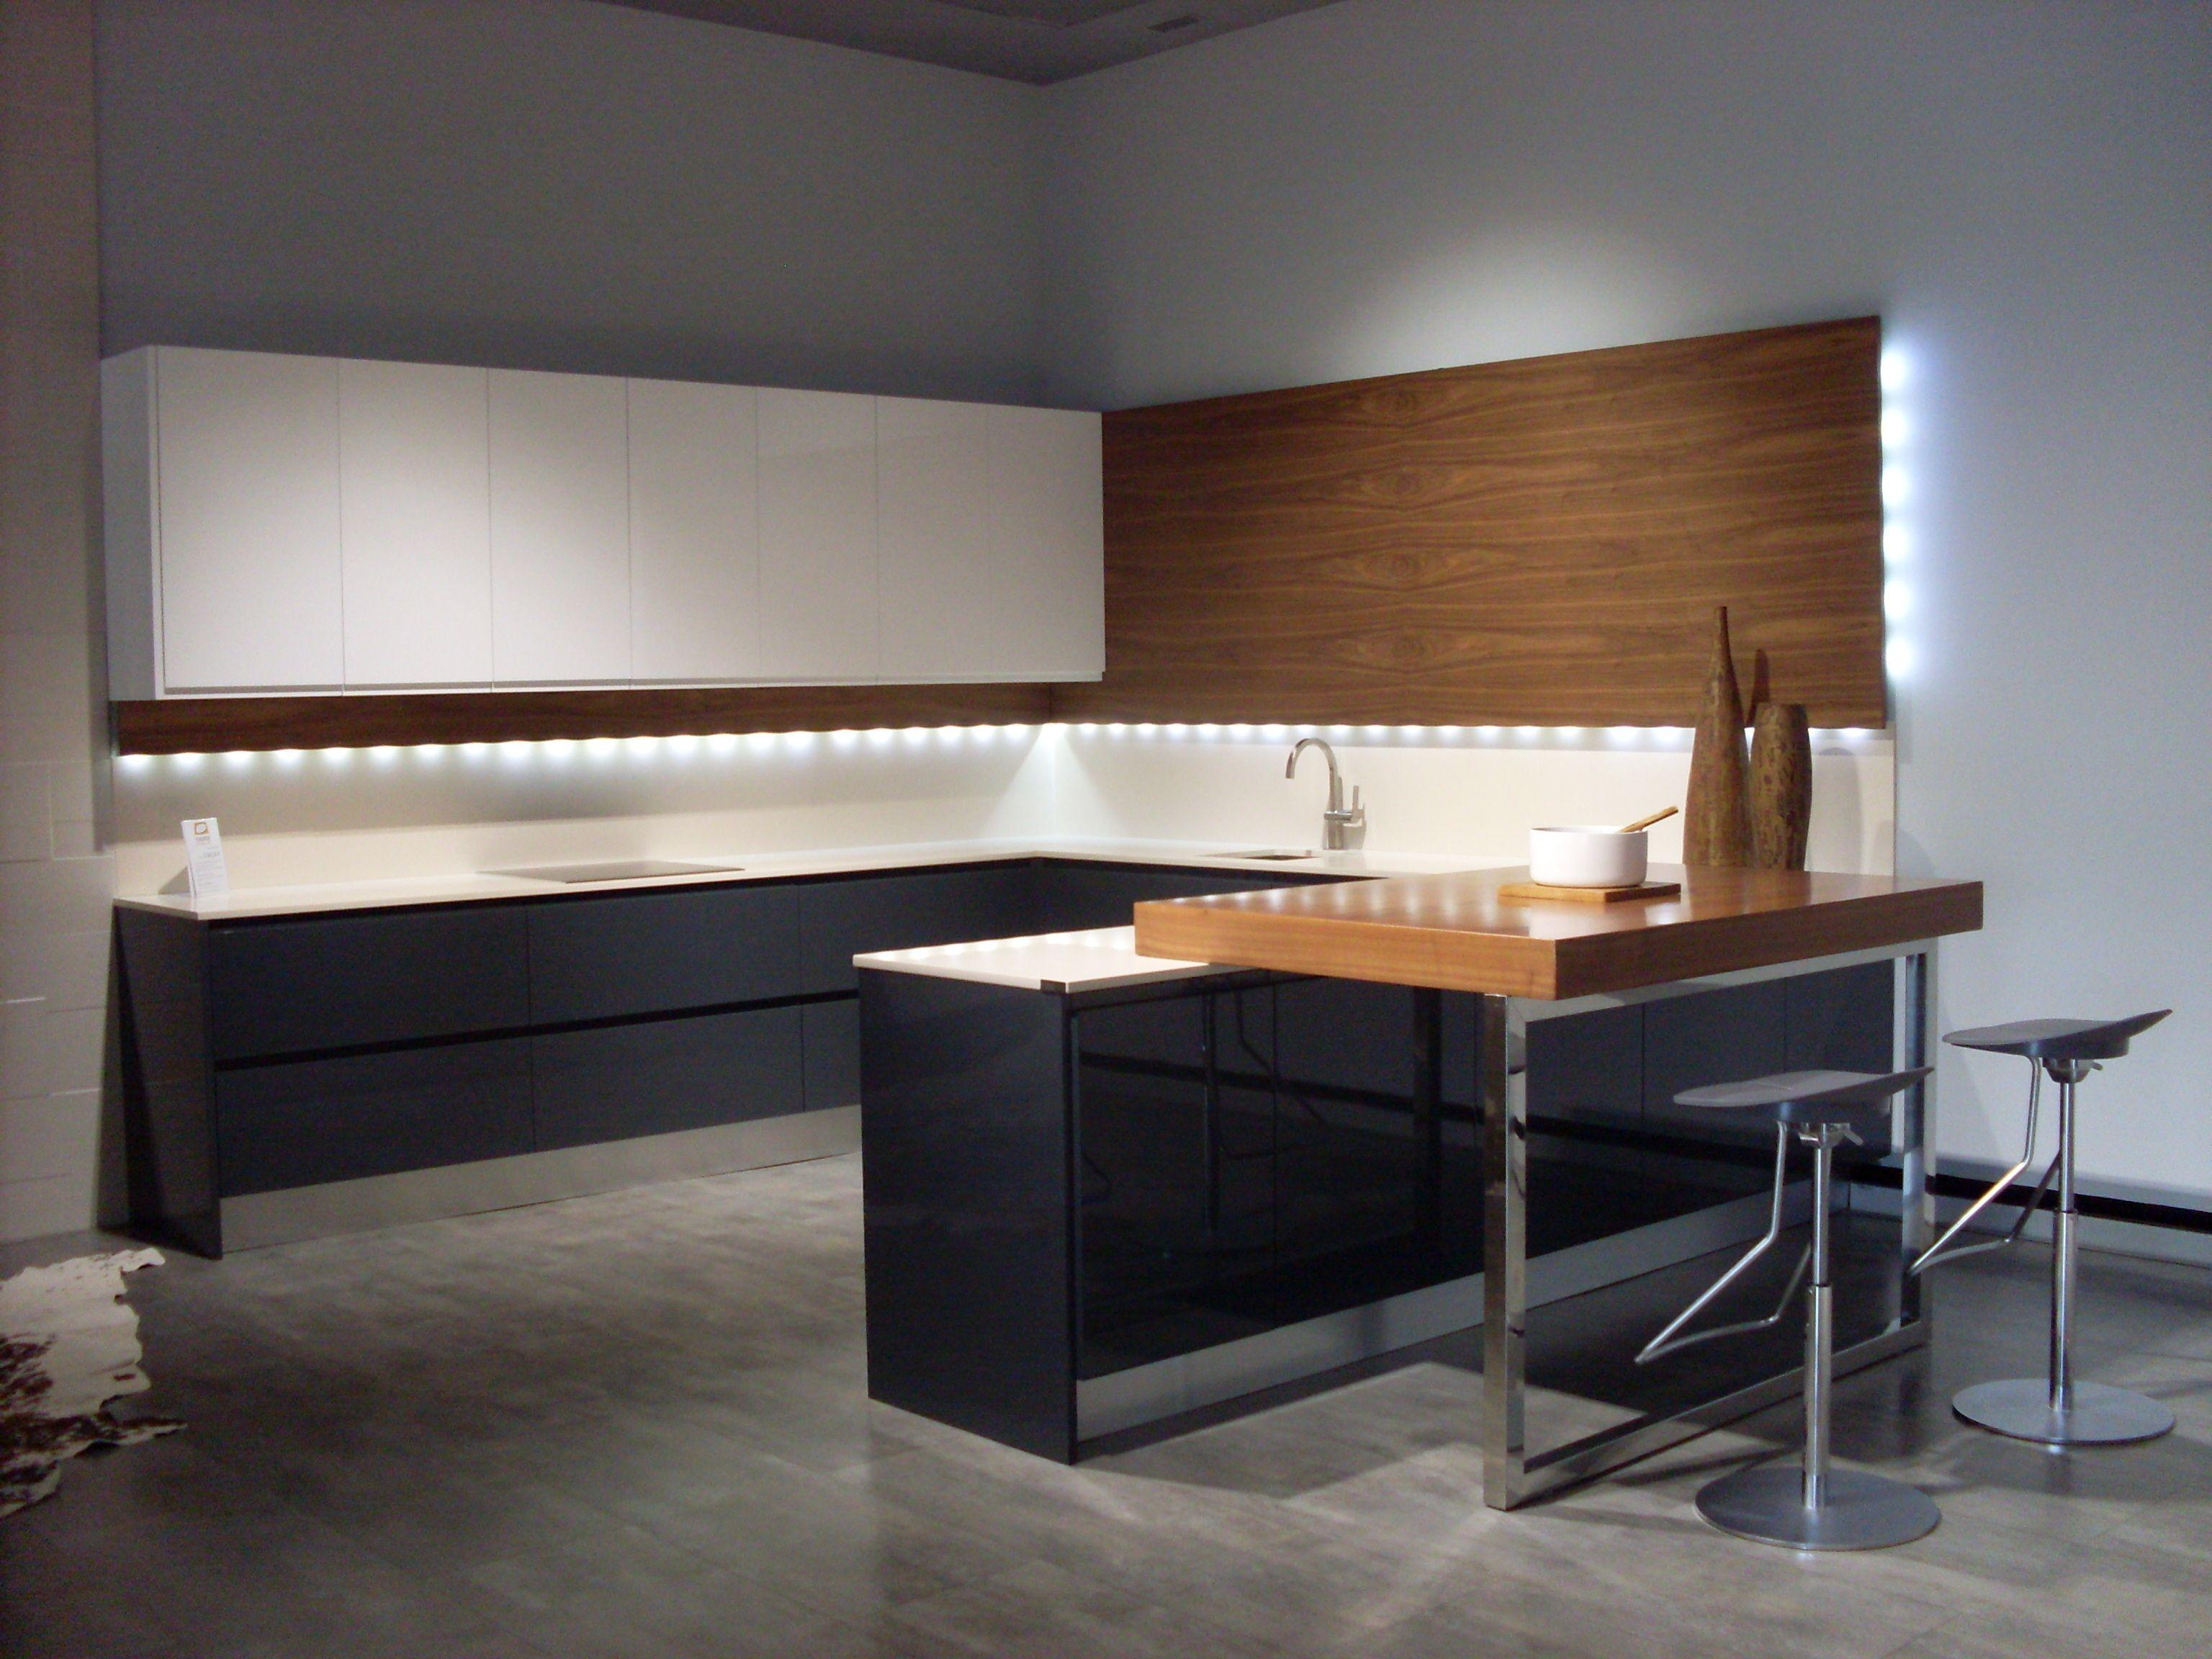 Quieres una cocina con estilo? Combina encimeras, muebles, alturas ...